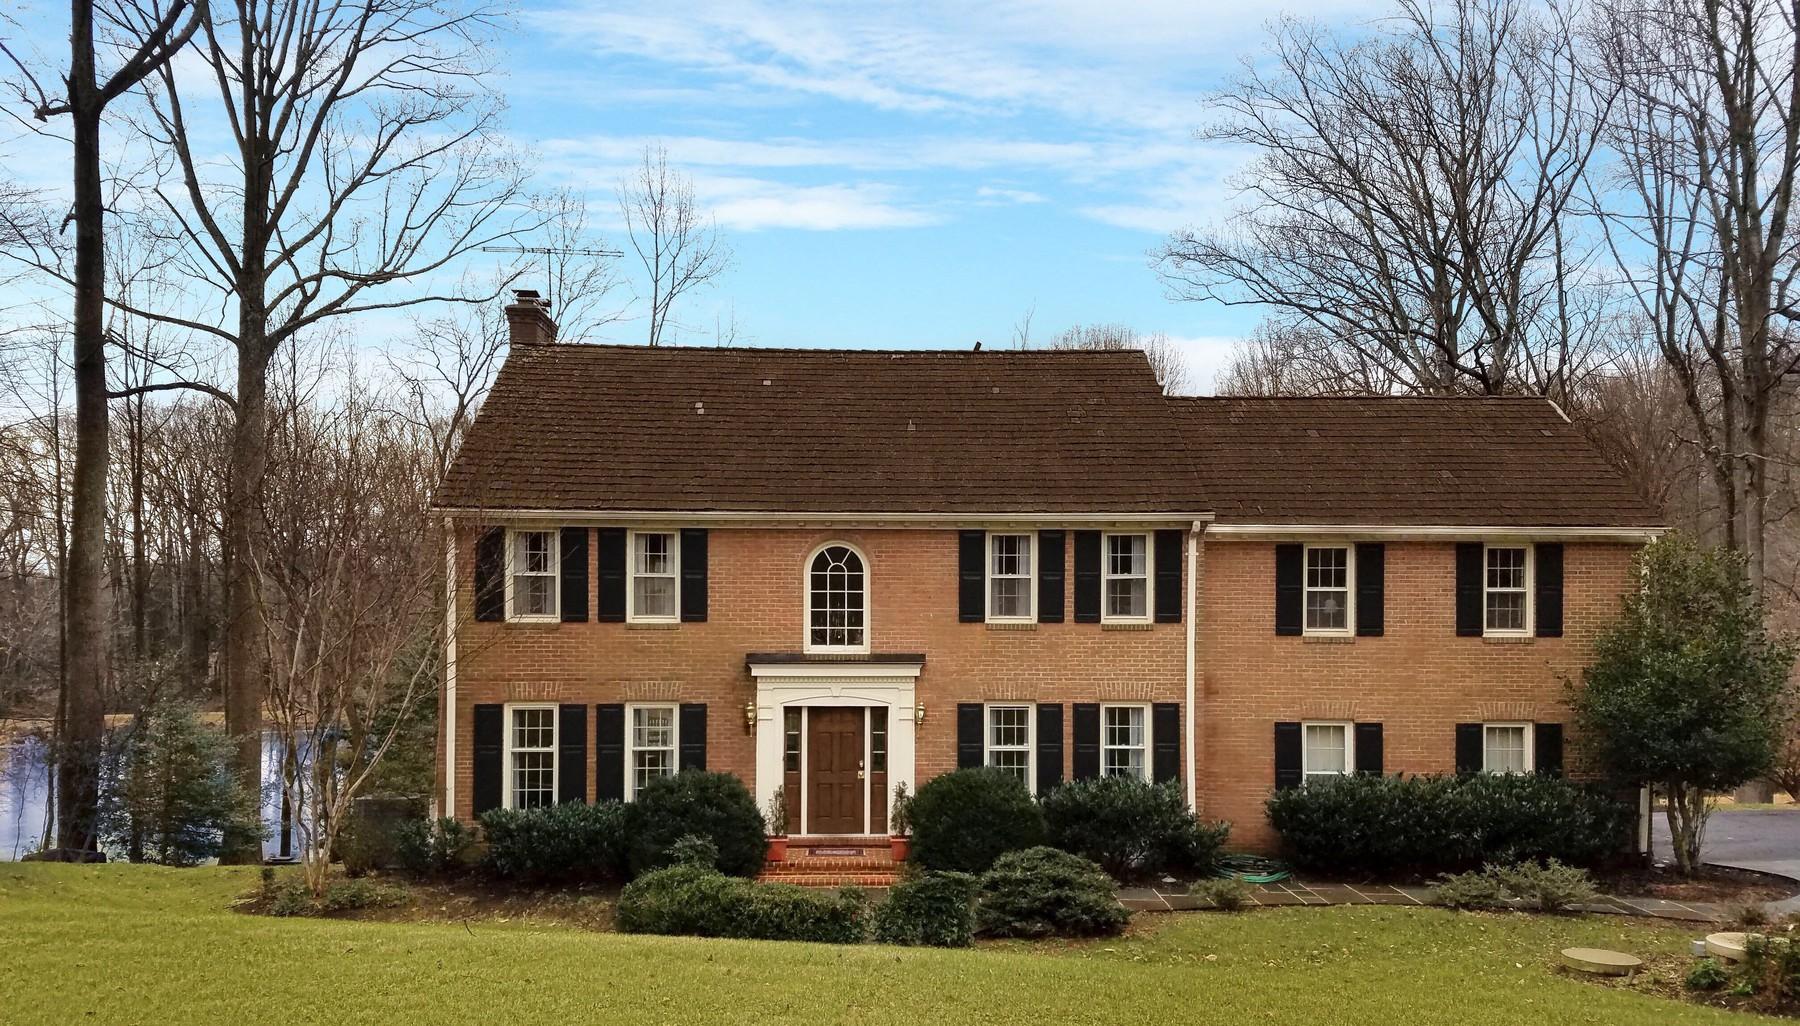 一戸建て のために 売買 アット 9405 Lagovista Court, Great Falls 9405 Lagovista Ct Great Falls, バージニア, 22066 アメリカ合衆国